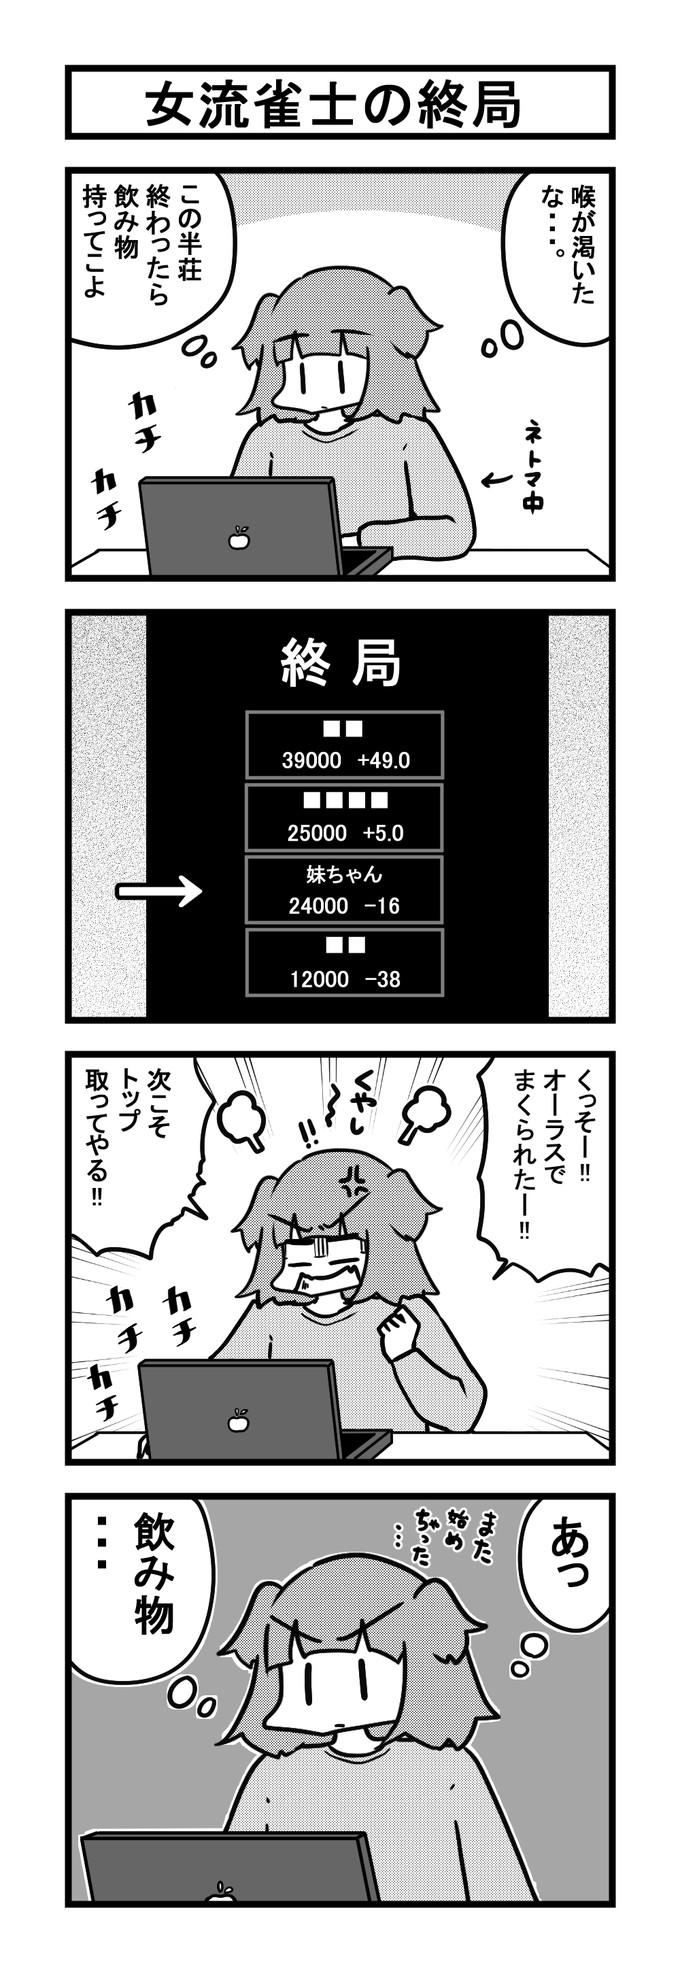 1110女流雀士の終局-min-1